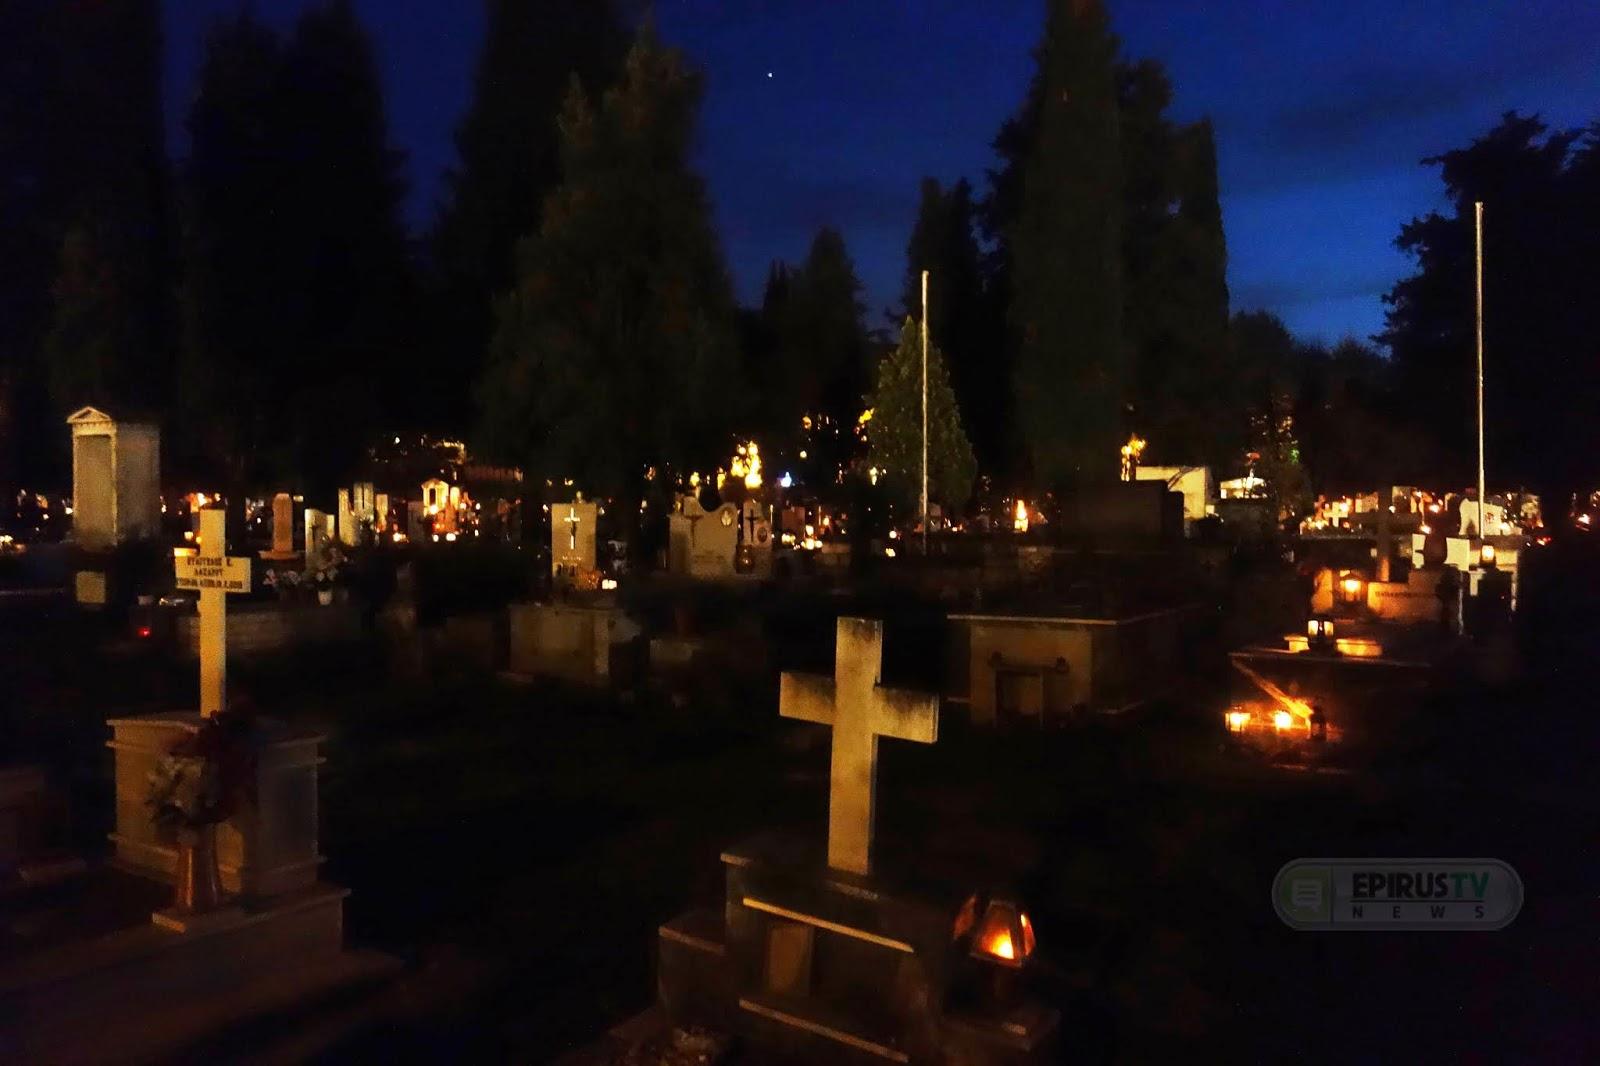 Ιωάννινα:Συγκίνηση ...στην Περιφορά του Επιταφίου ...στα μνήματα [φωτο-βίντεο] - EPIRUS TV NEWS